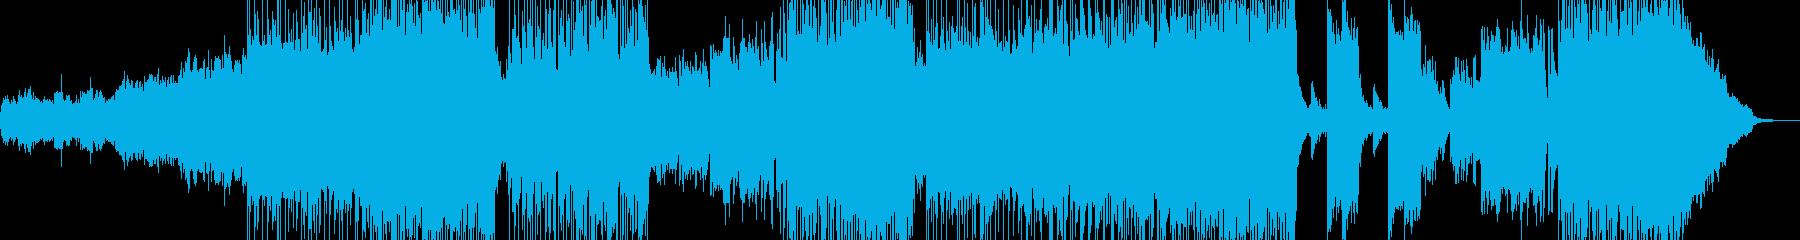 不穏な雰囲気・バトルシーン・邪悪なロックの再生済みの波形